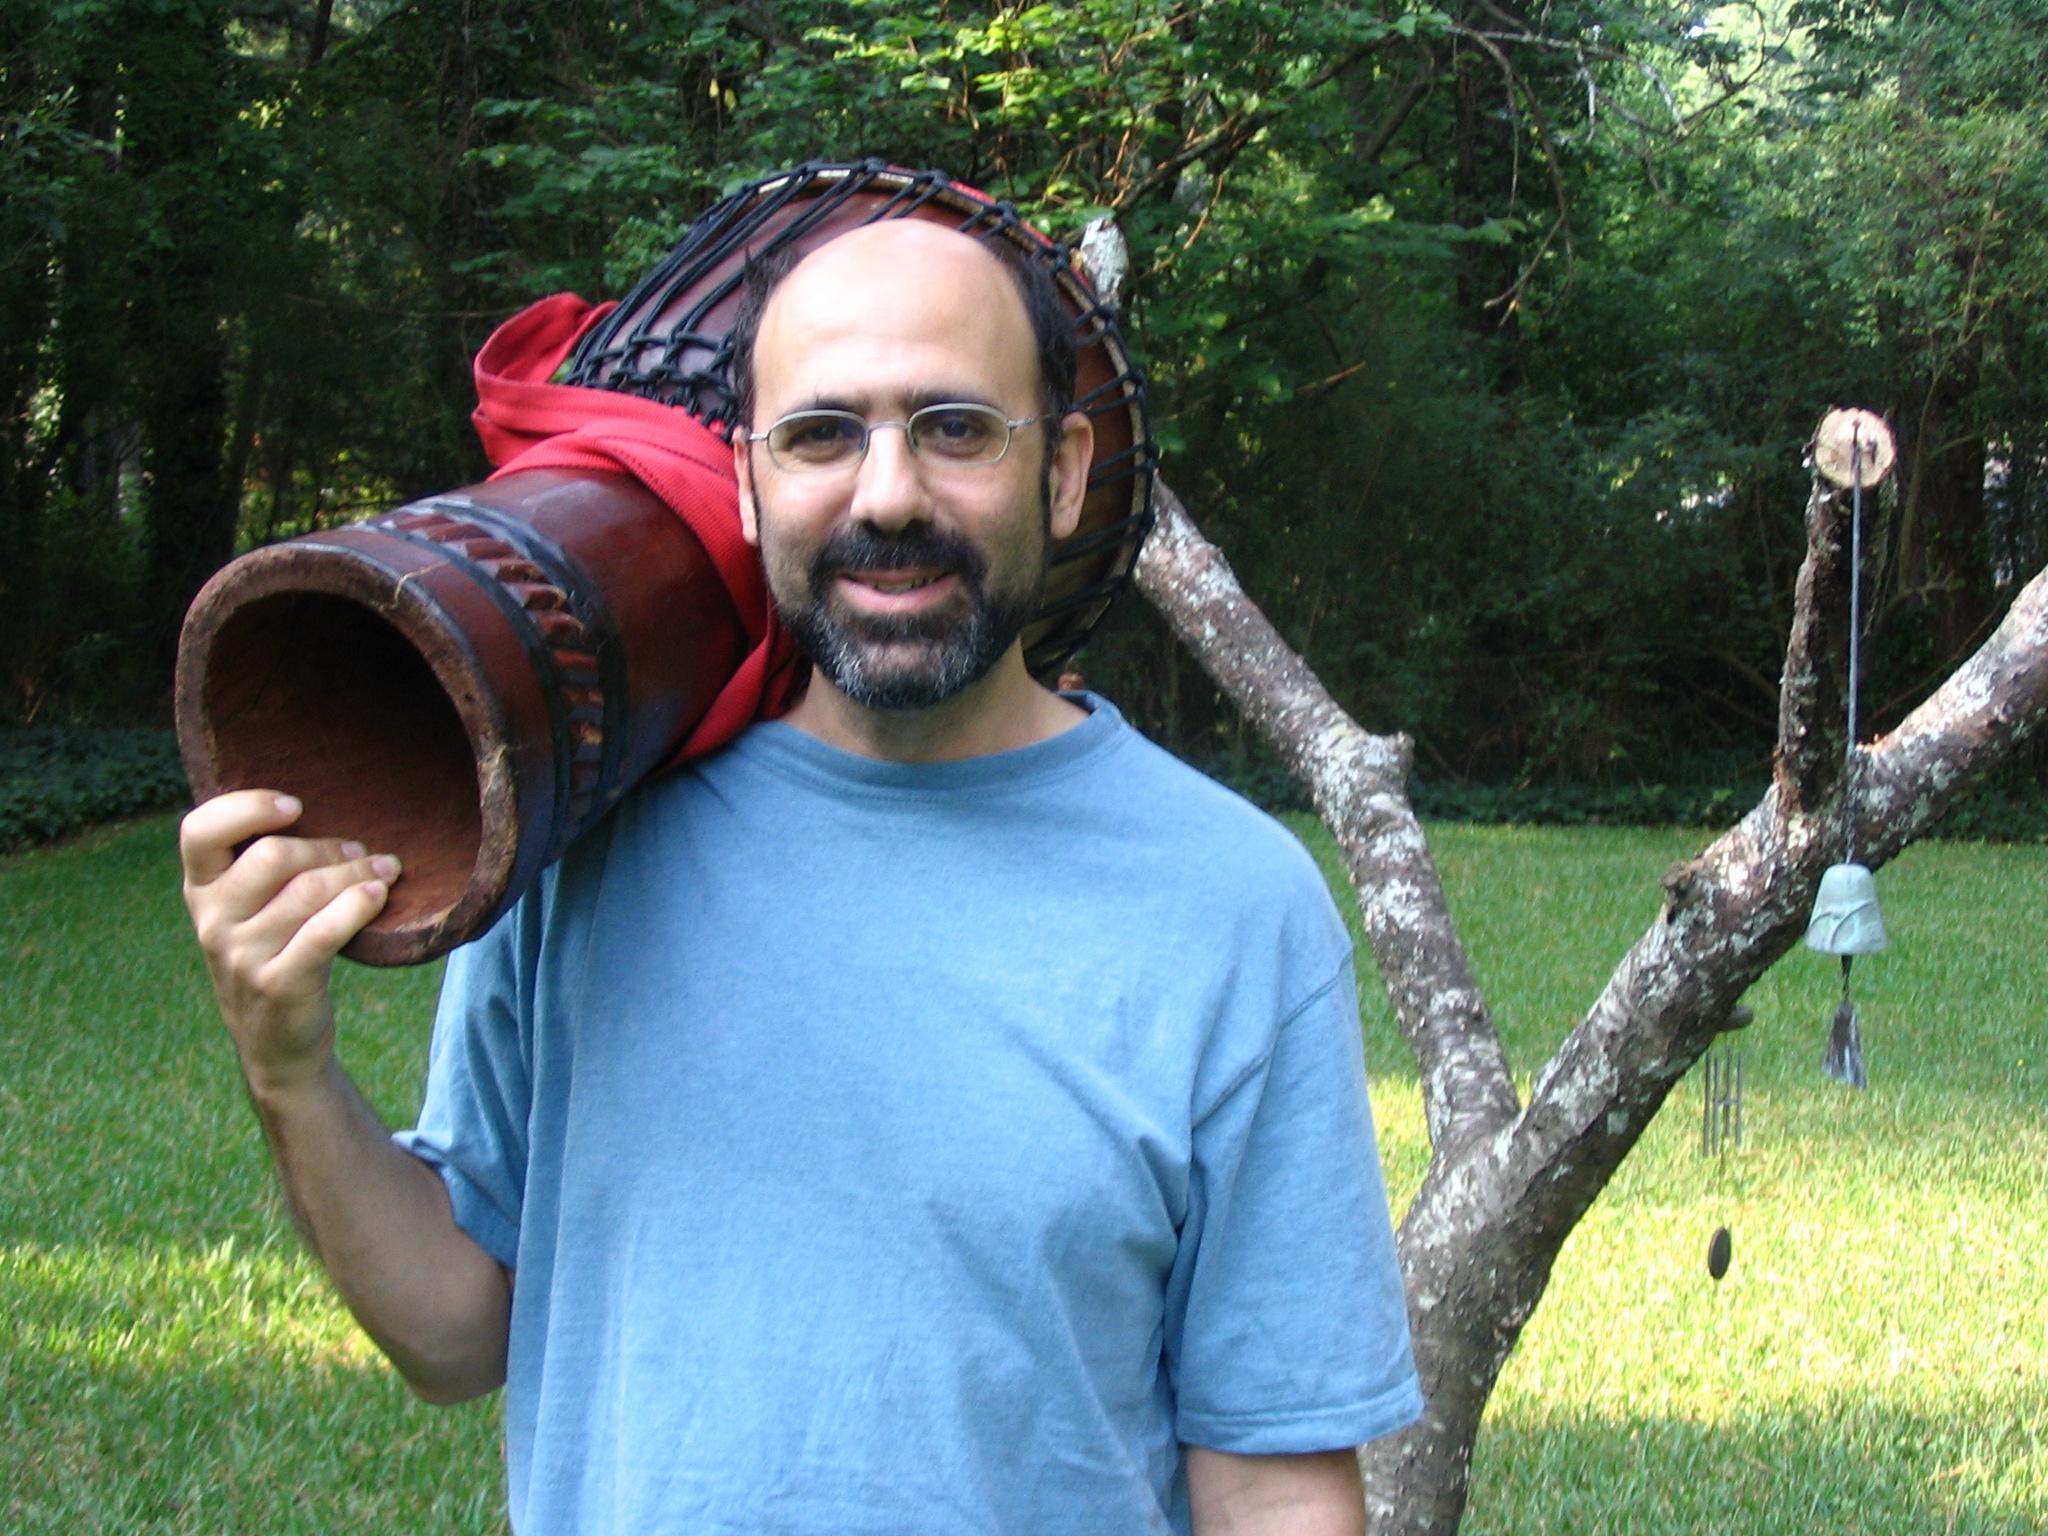 Chuck Cogliandro